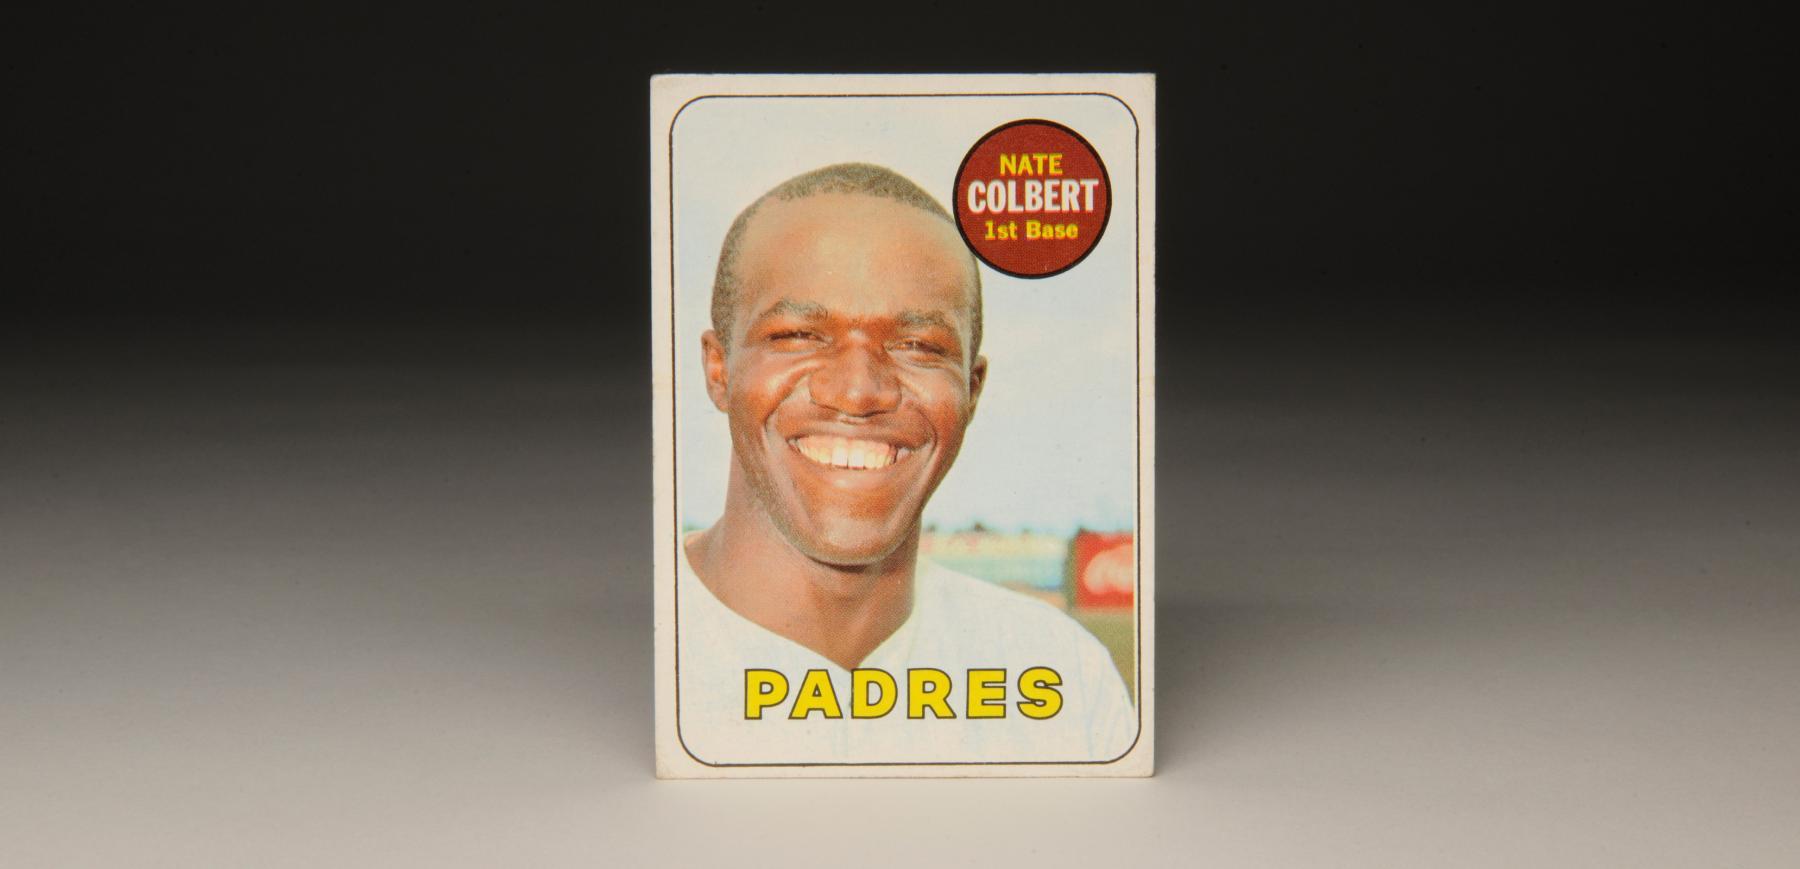 1969 Nate Colbert Topps card. (Milo Stewart, Jr. / National Baseball Hall of Fame)